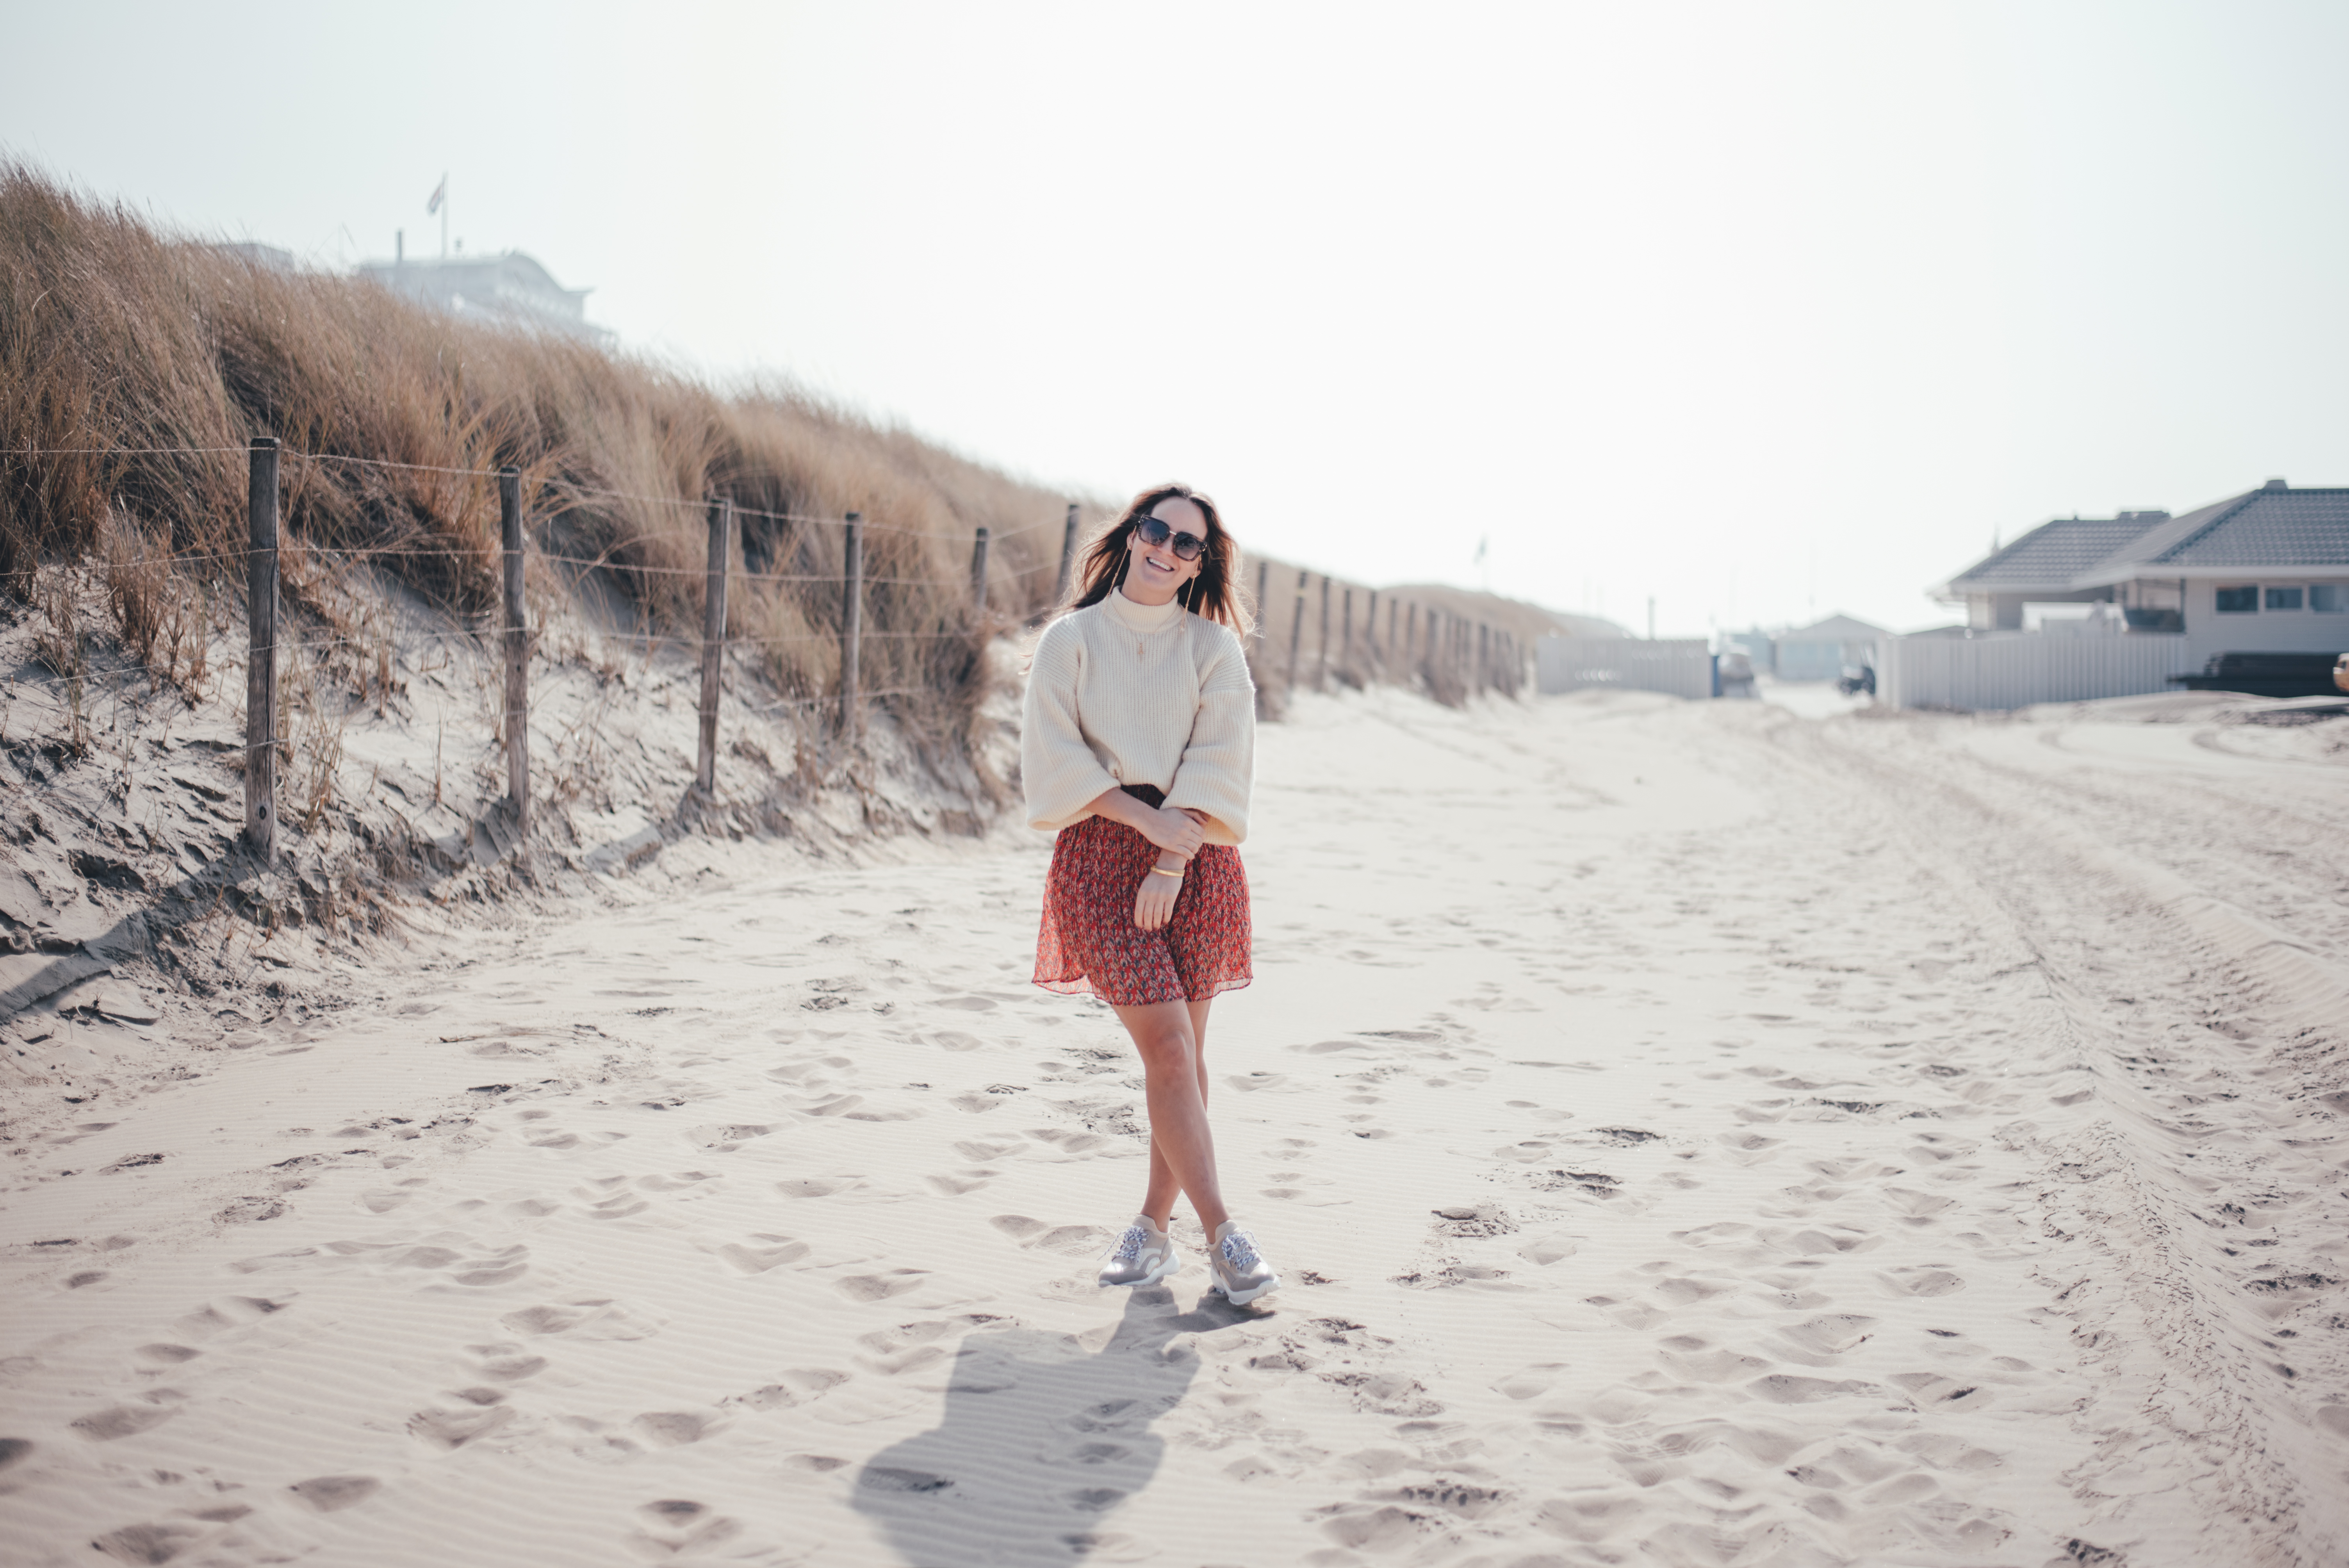 guts & gusto, gustsgusto, outfit, ootd, sneakers, rokje, weekendjeweg, noordwijk, zee, hotel, vriendinnen, xmariekie, blog, blogger, influencer